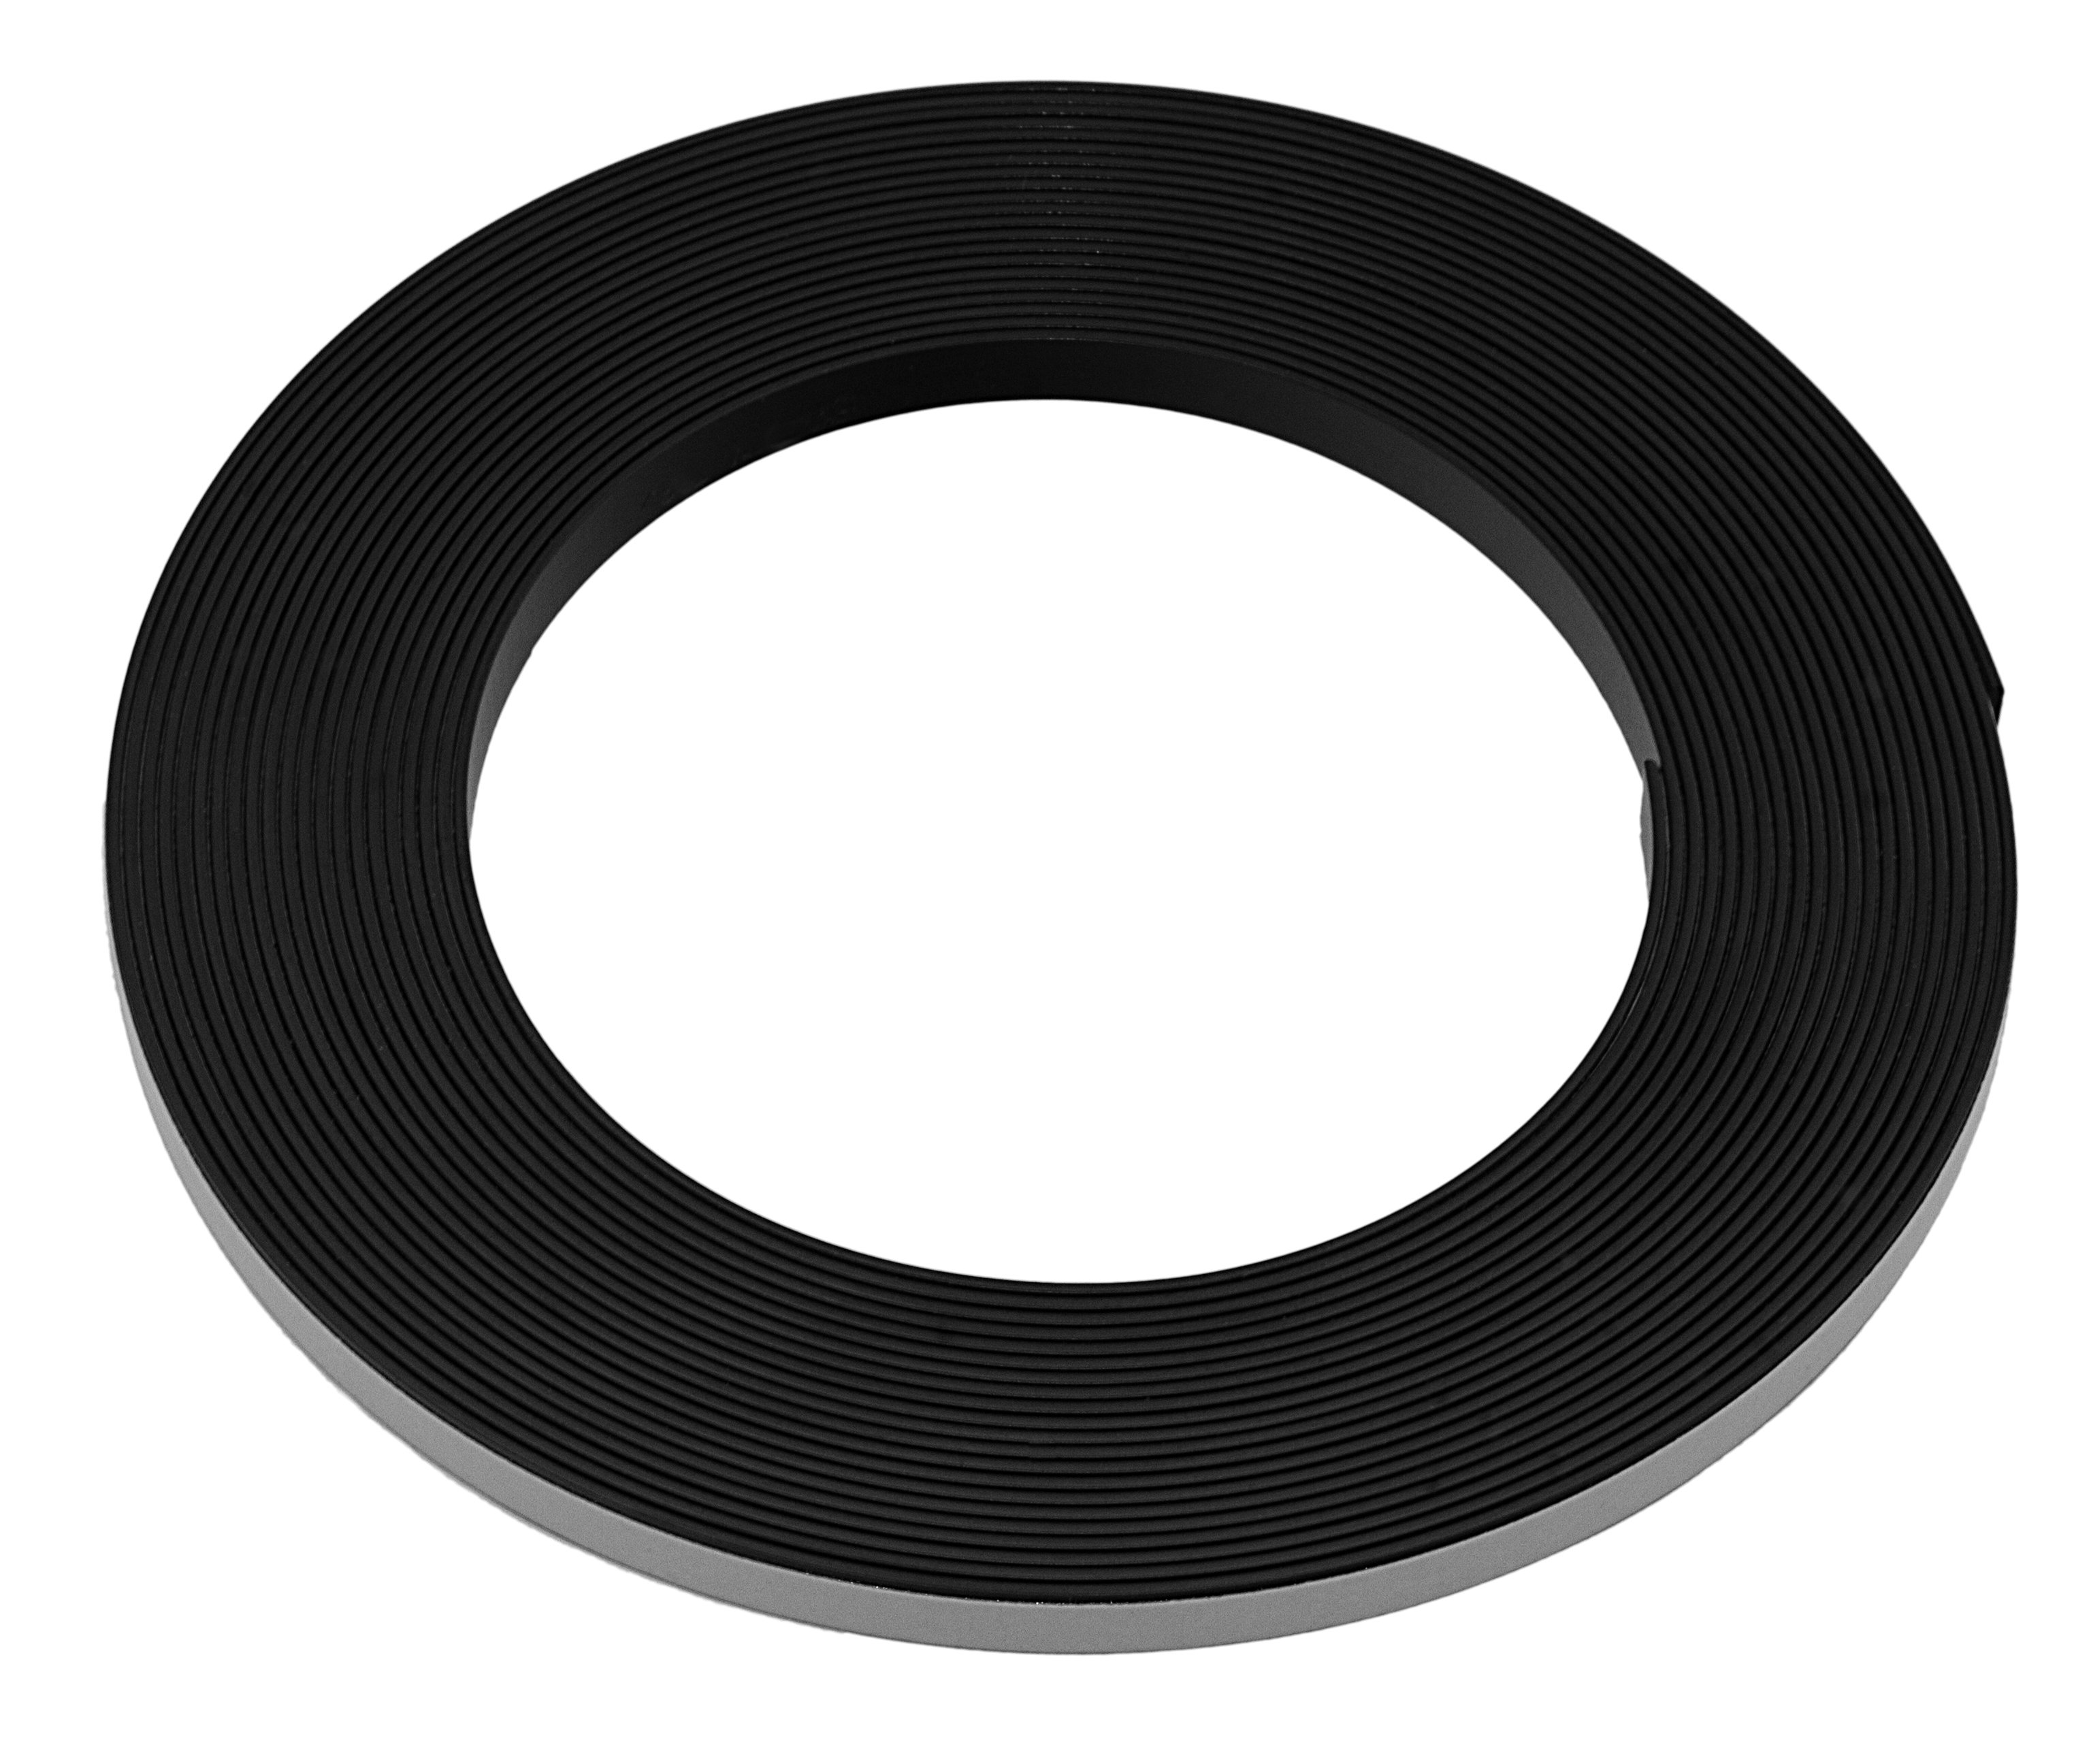 1 m Magnetband 10mm breit LIZU007010